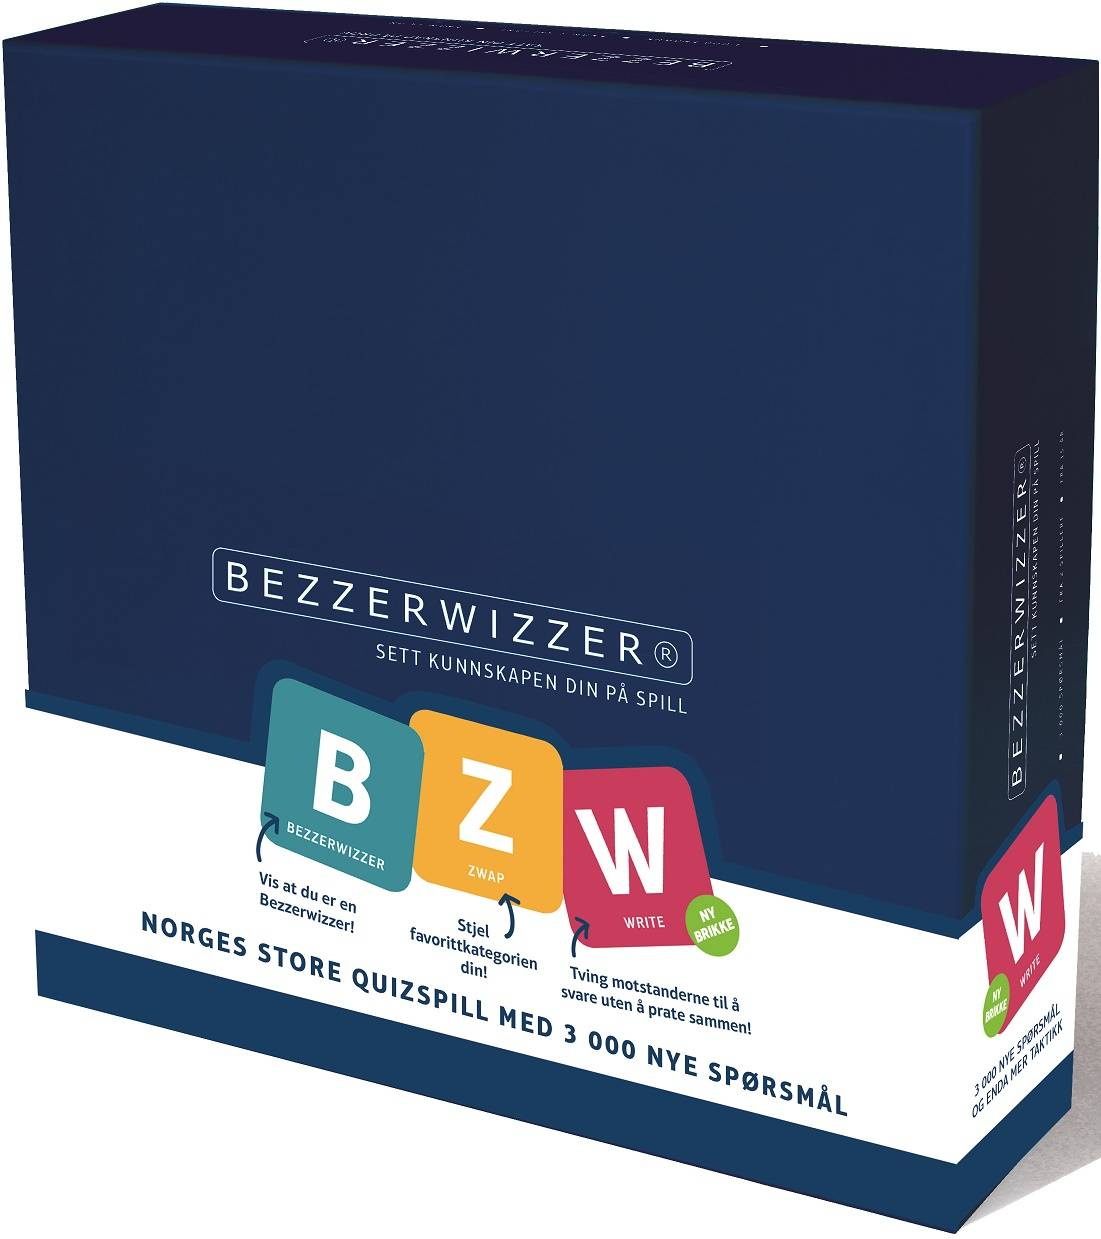 Bezzerwizzer Original Norsk 3000 Helt nye spørsmål og ny taktikk